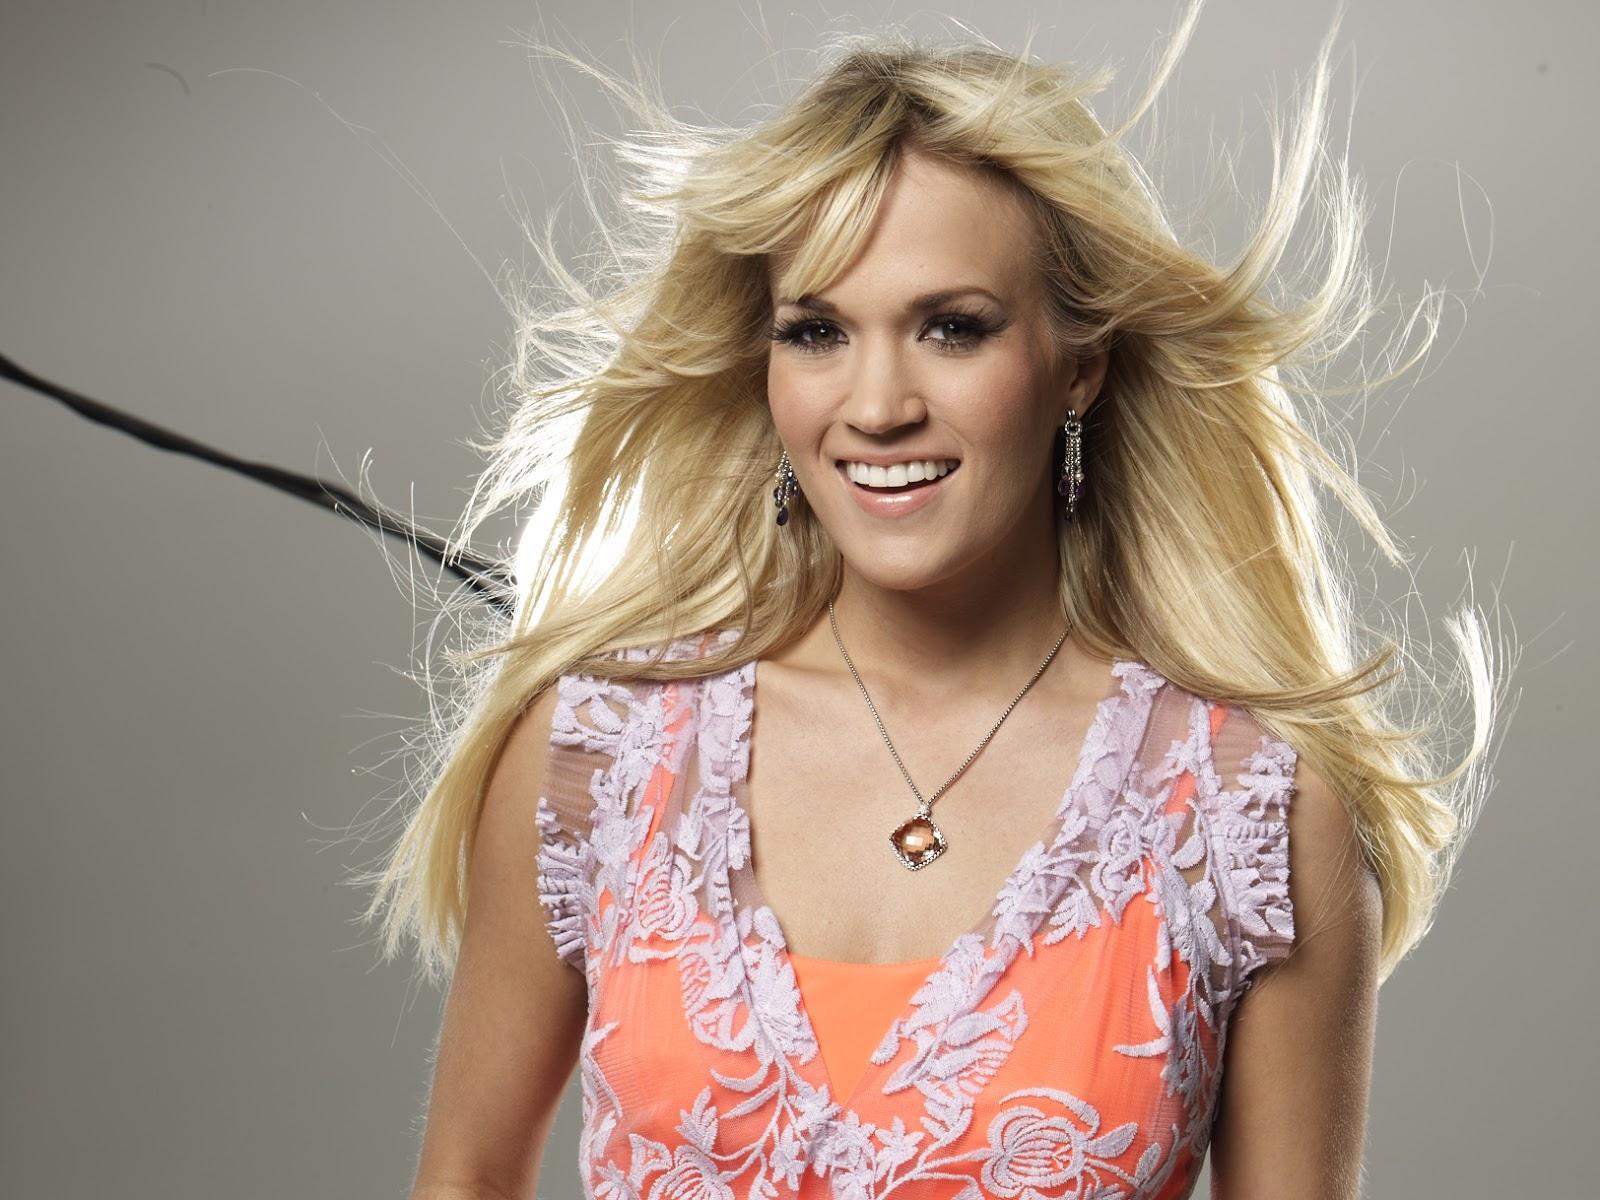 Janina Gavankar Carrie Underwood